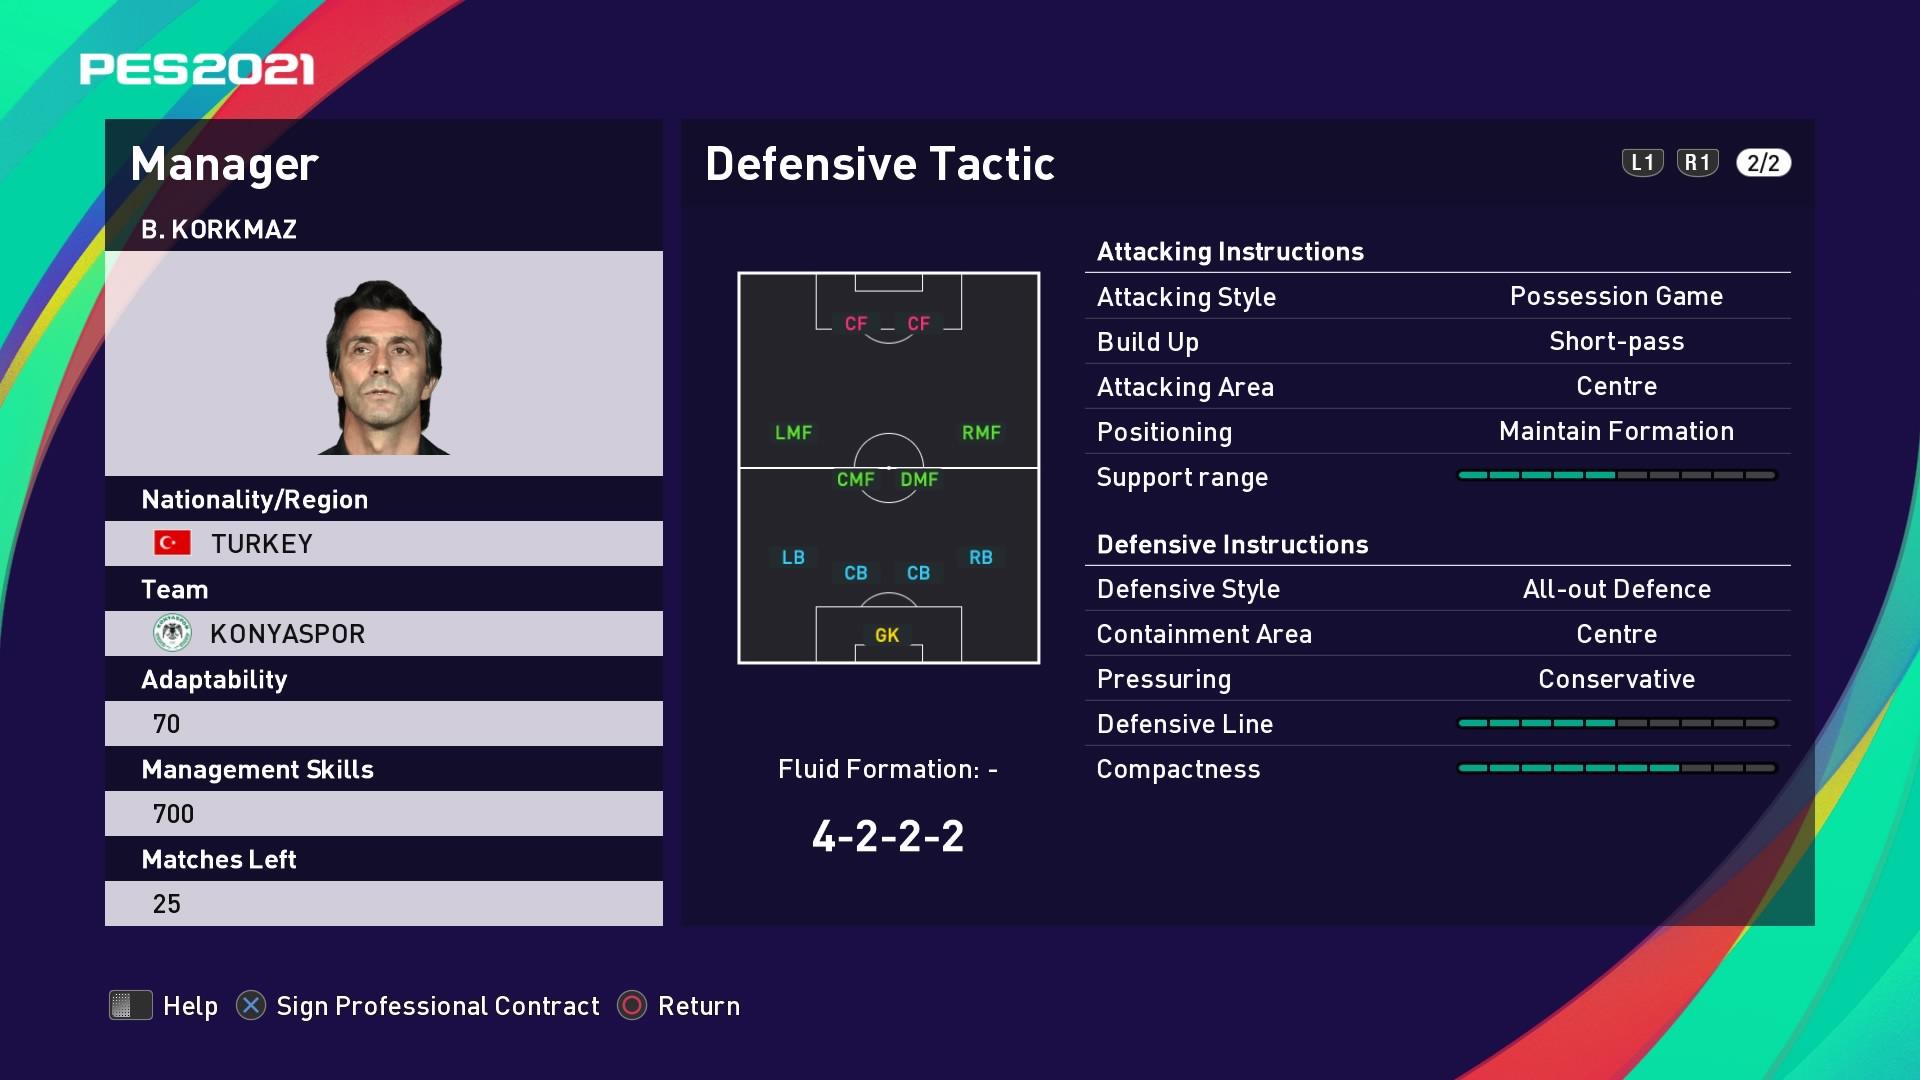 B. Korkmaz (Bülent Korkmaz) Defensive Tactic in PES 2021 myClub